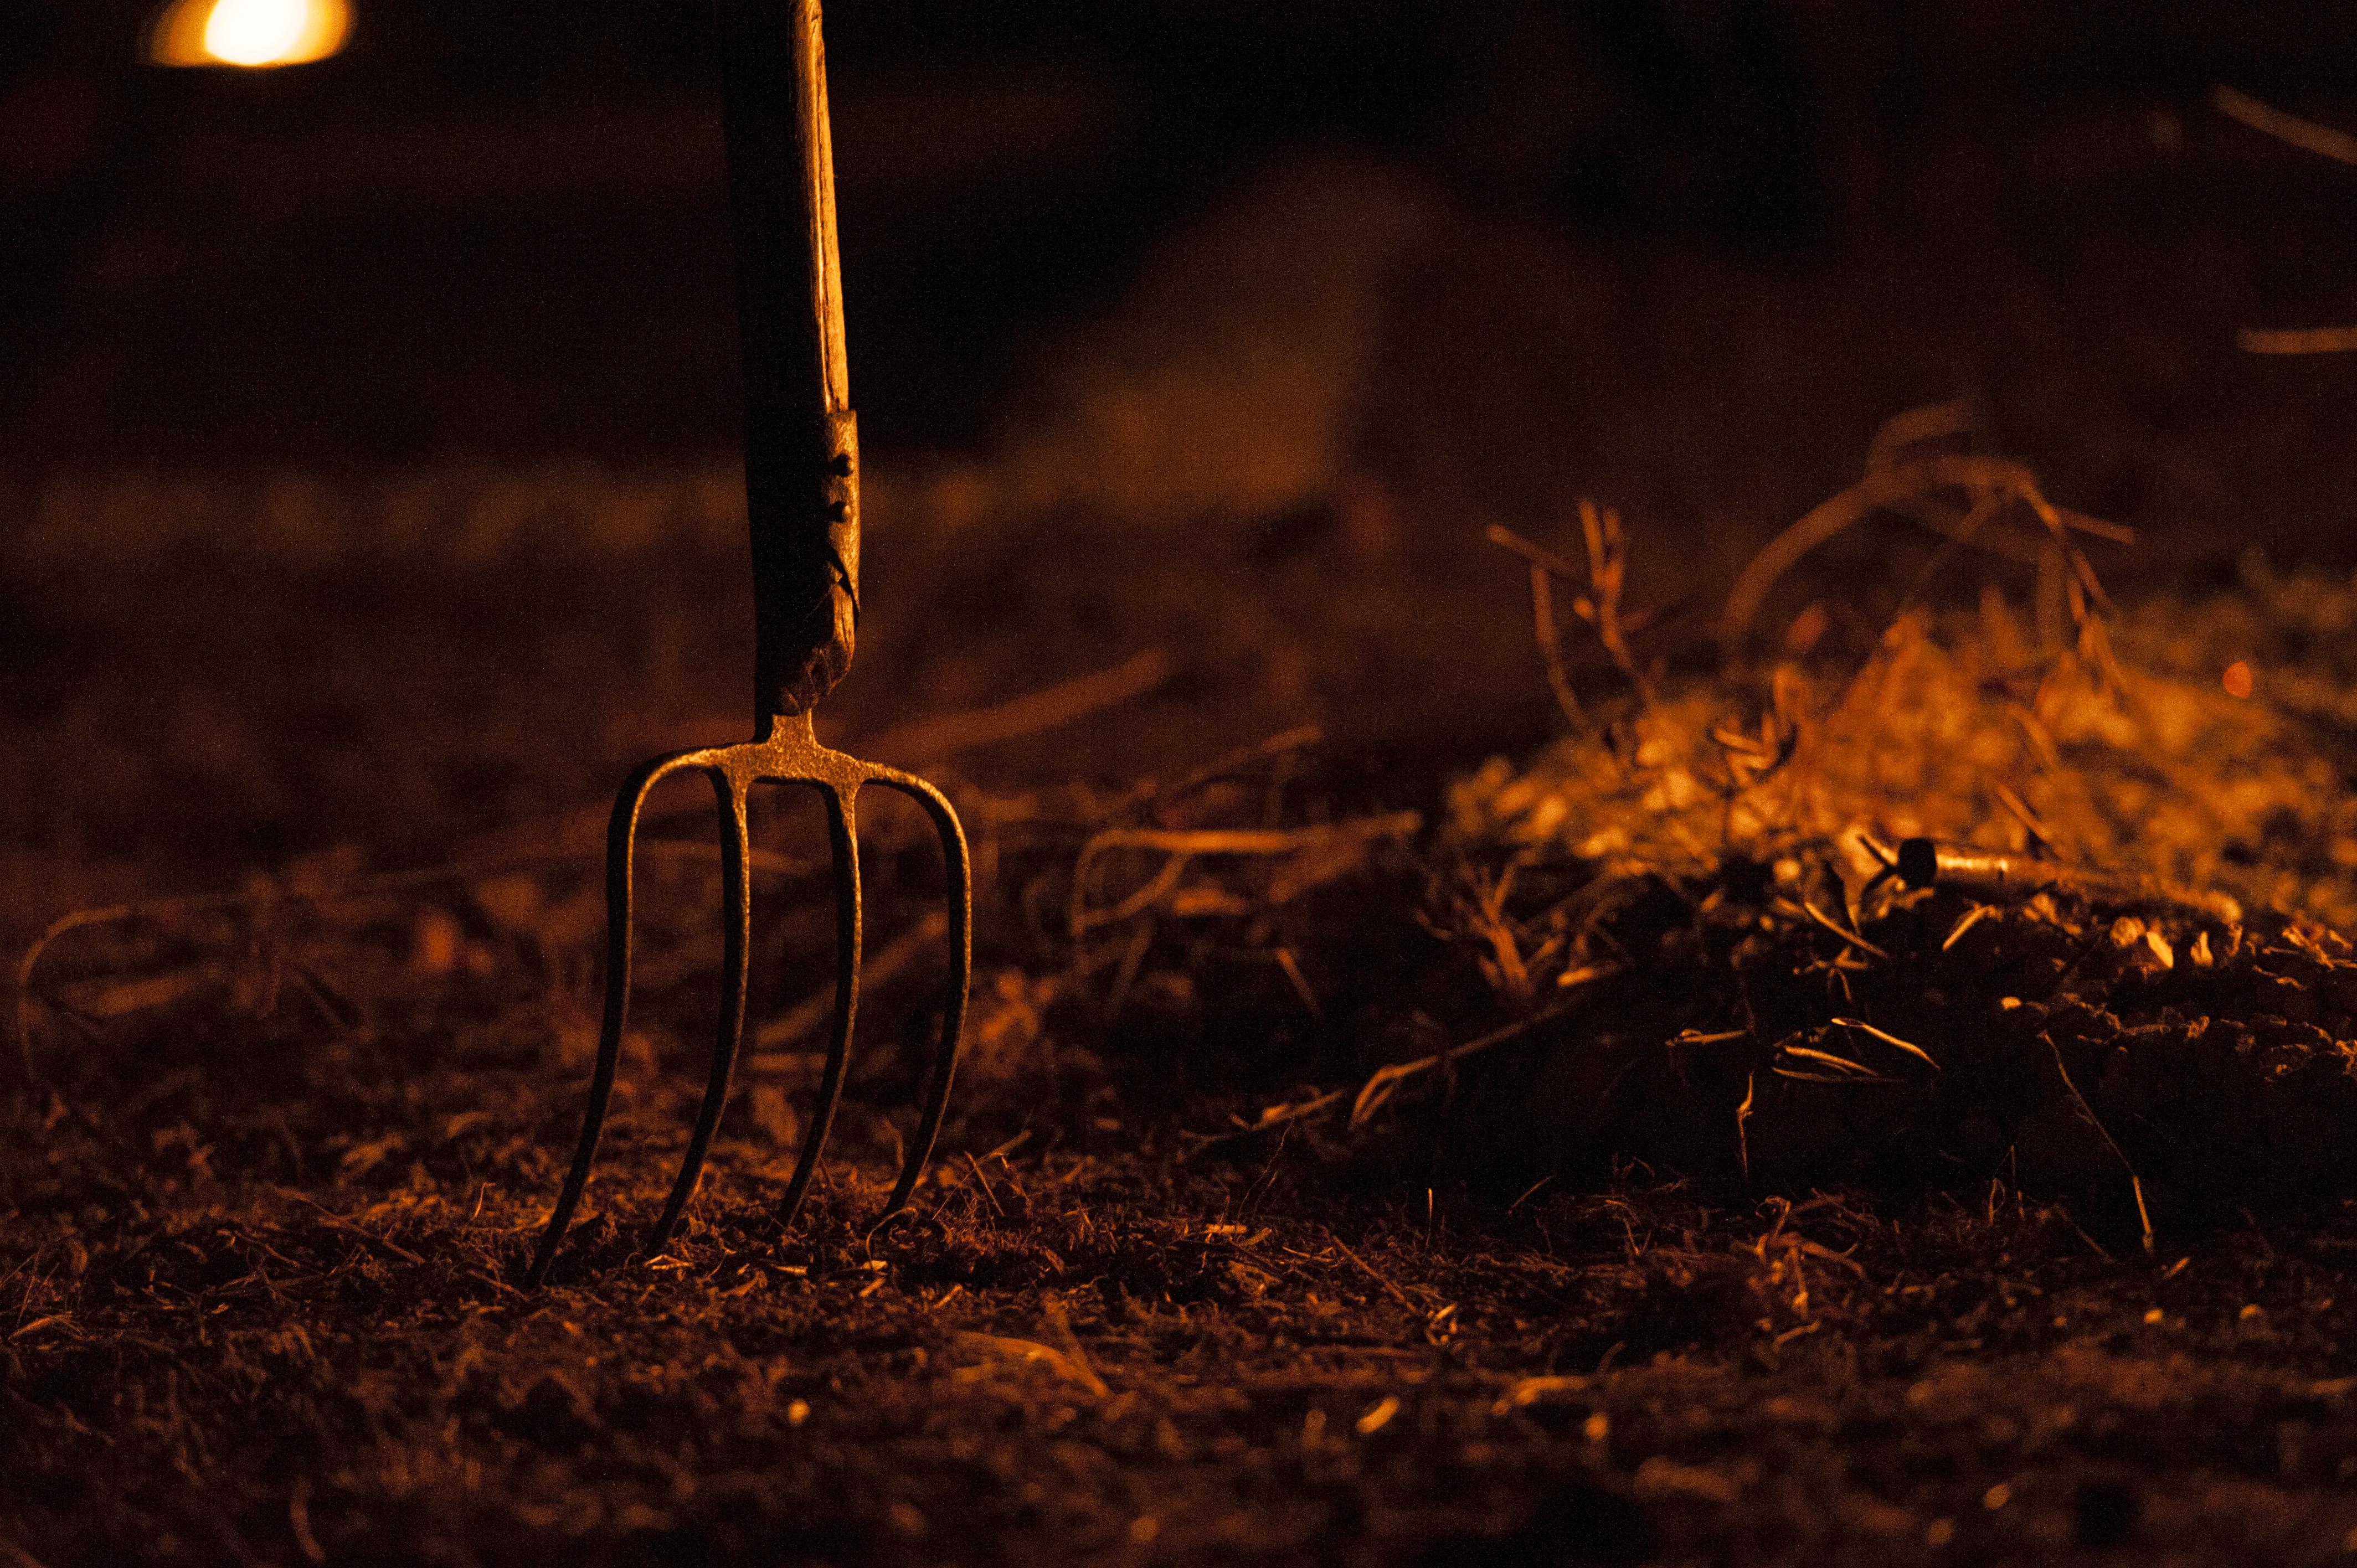 canto del fuoco terra madre Il canto del Fuoco   Riflessioni terra madre teatro matrice macrocosmica land art infinito immateria fuoco sacro ermete trismegisto energia femminile così in basso Come in alto cielo archetipo ambiente